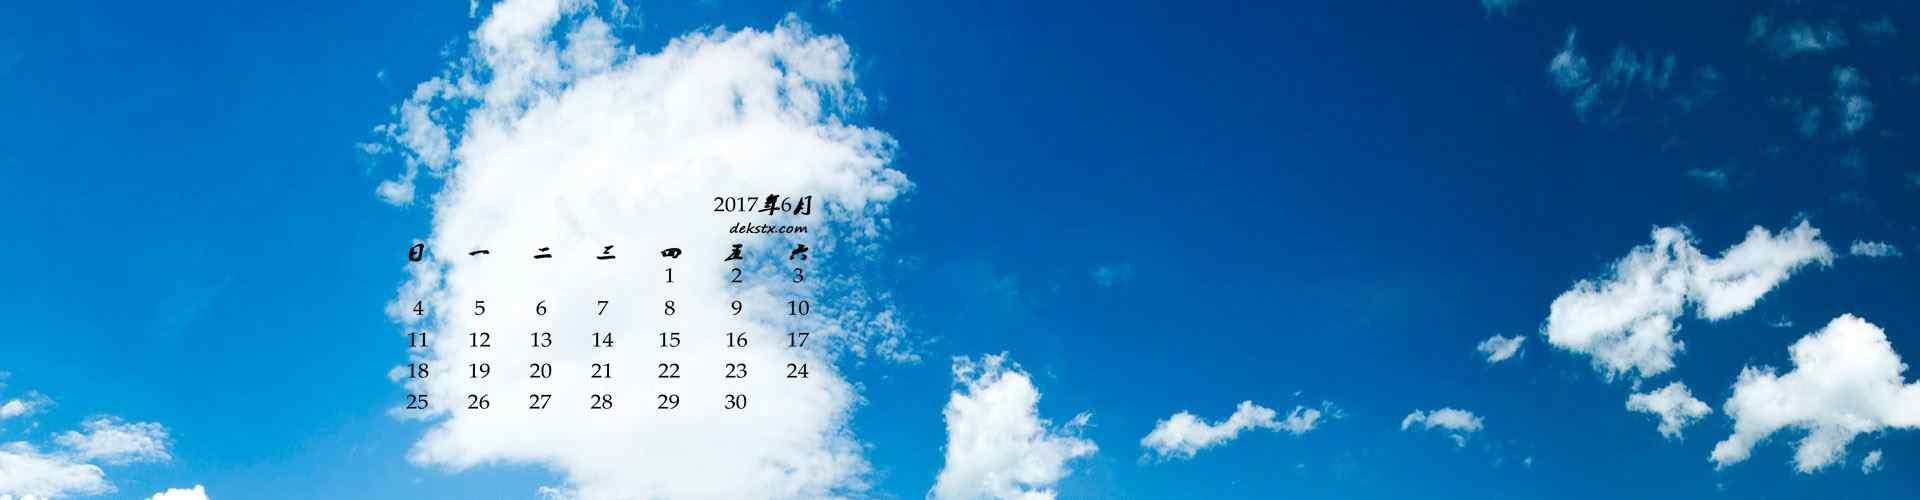 2017年6月日历壁纸_6月日历壁纸_护眼日历壁纸_美女日历壁纸_日历壁纸图片